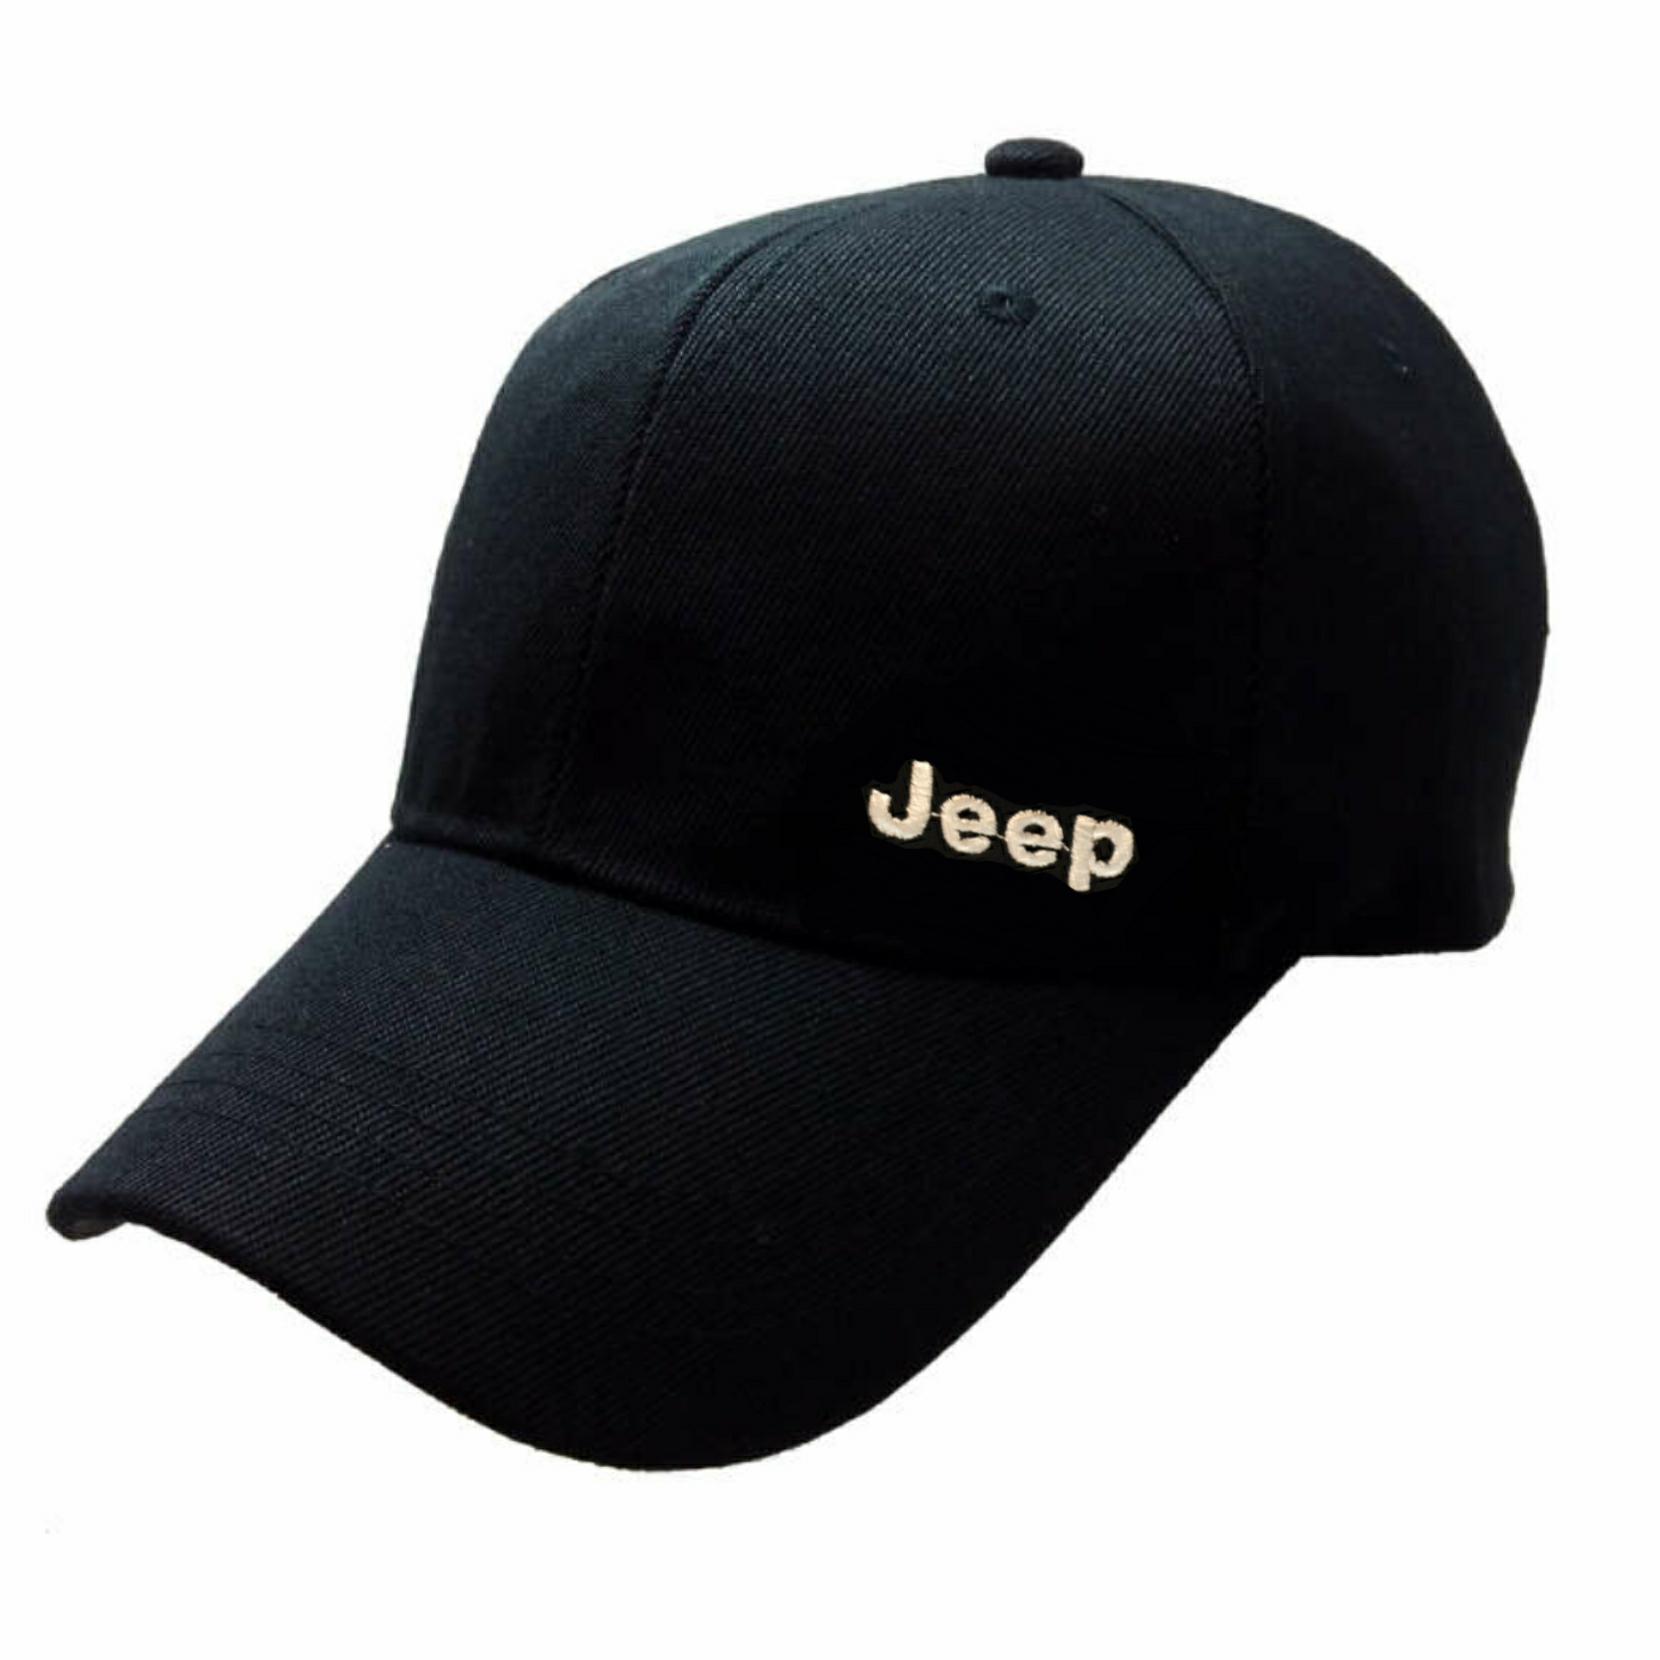 کلاه کپ مدل j55